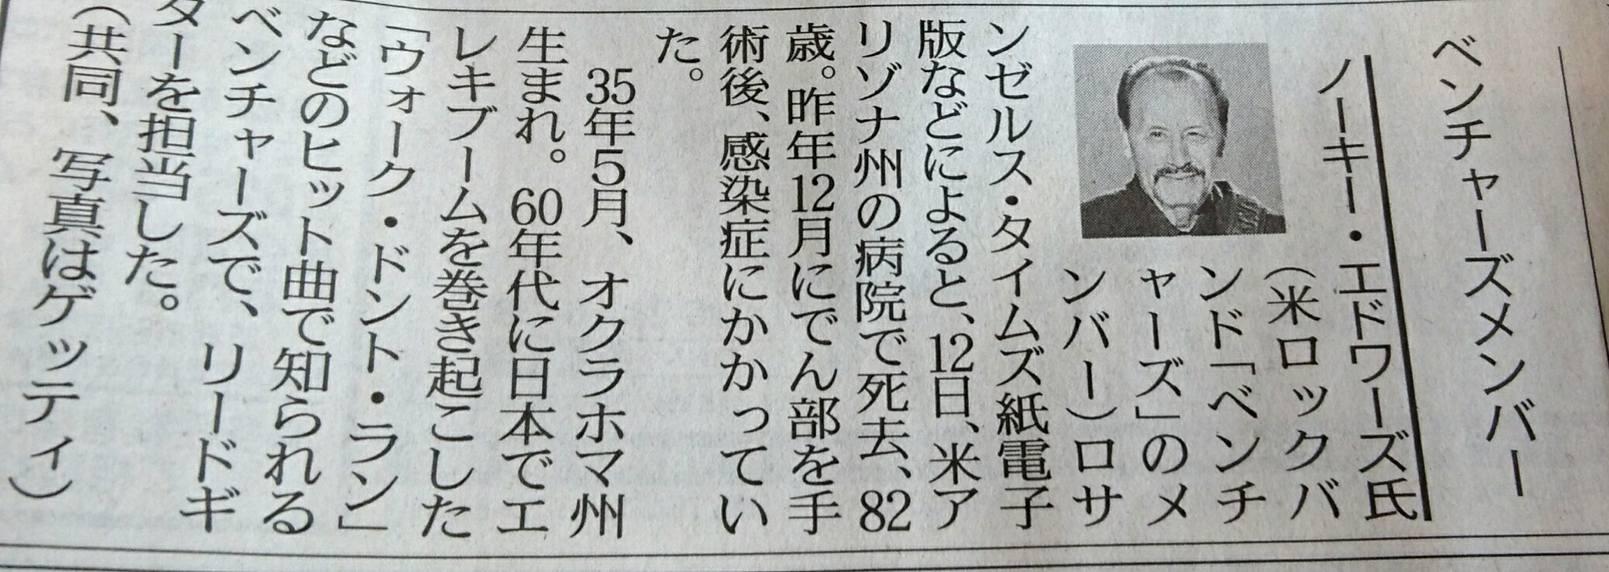 【ノーキー・エドワーズさん死去】